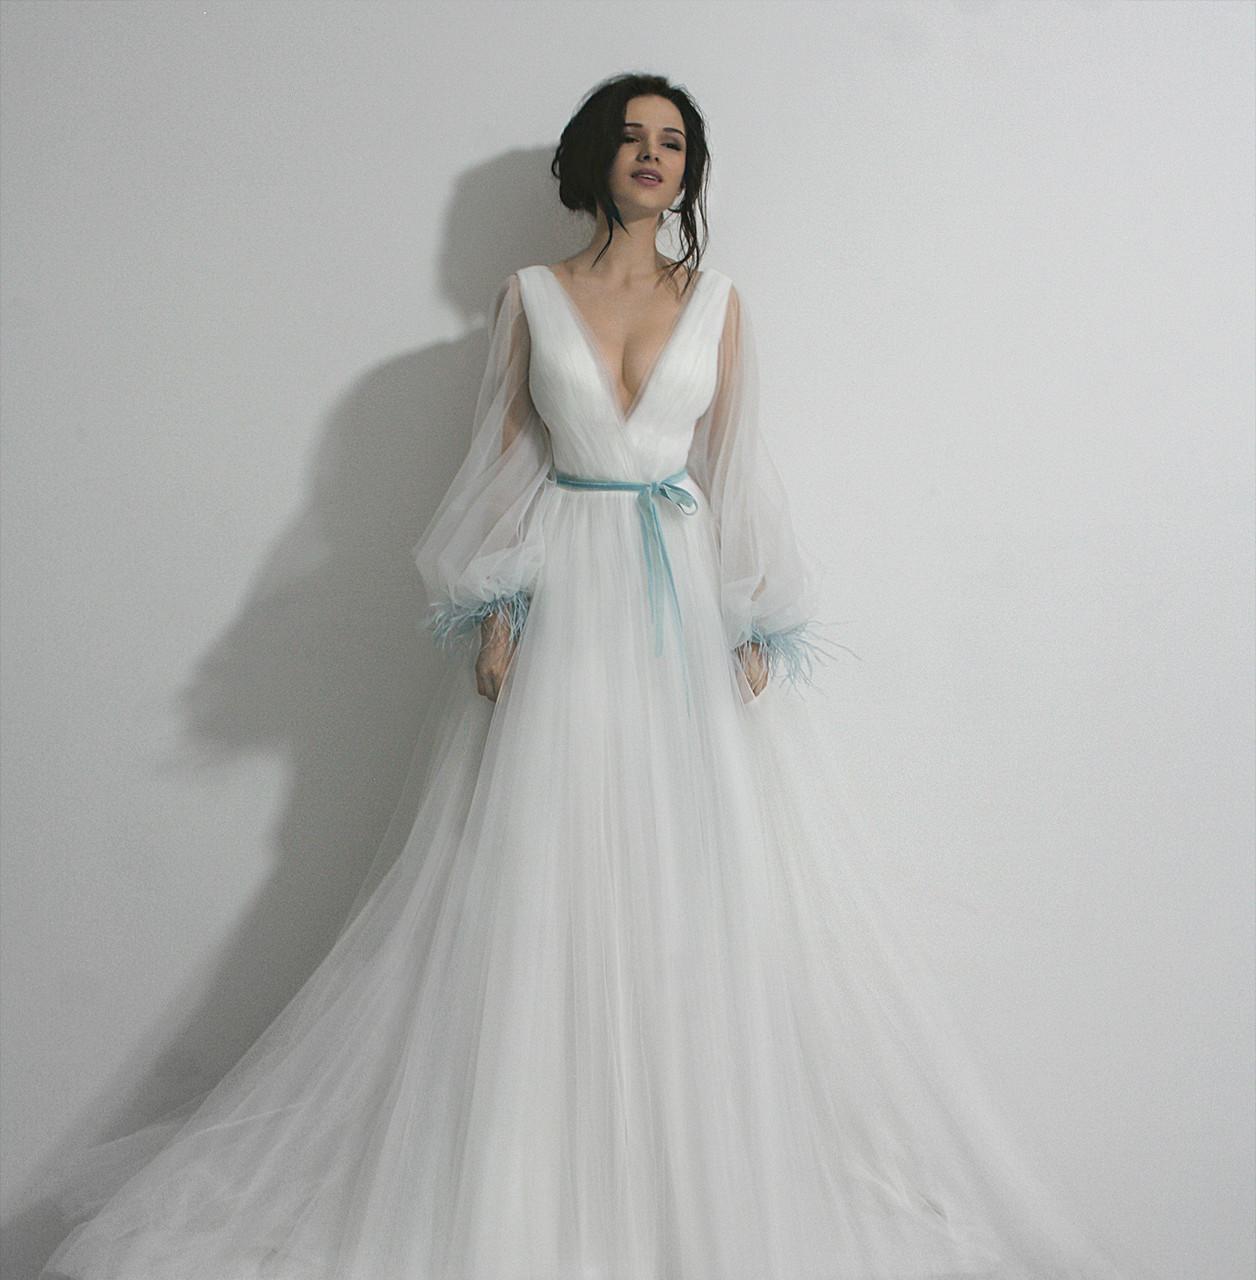 c95c7f980a5 Свадебное пышное платье Medina с длинными рукавами и цветными перьями